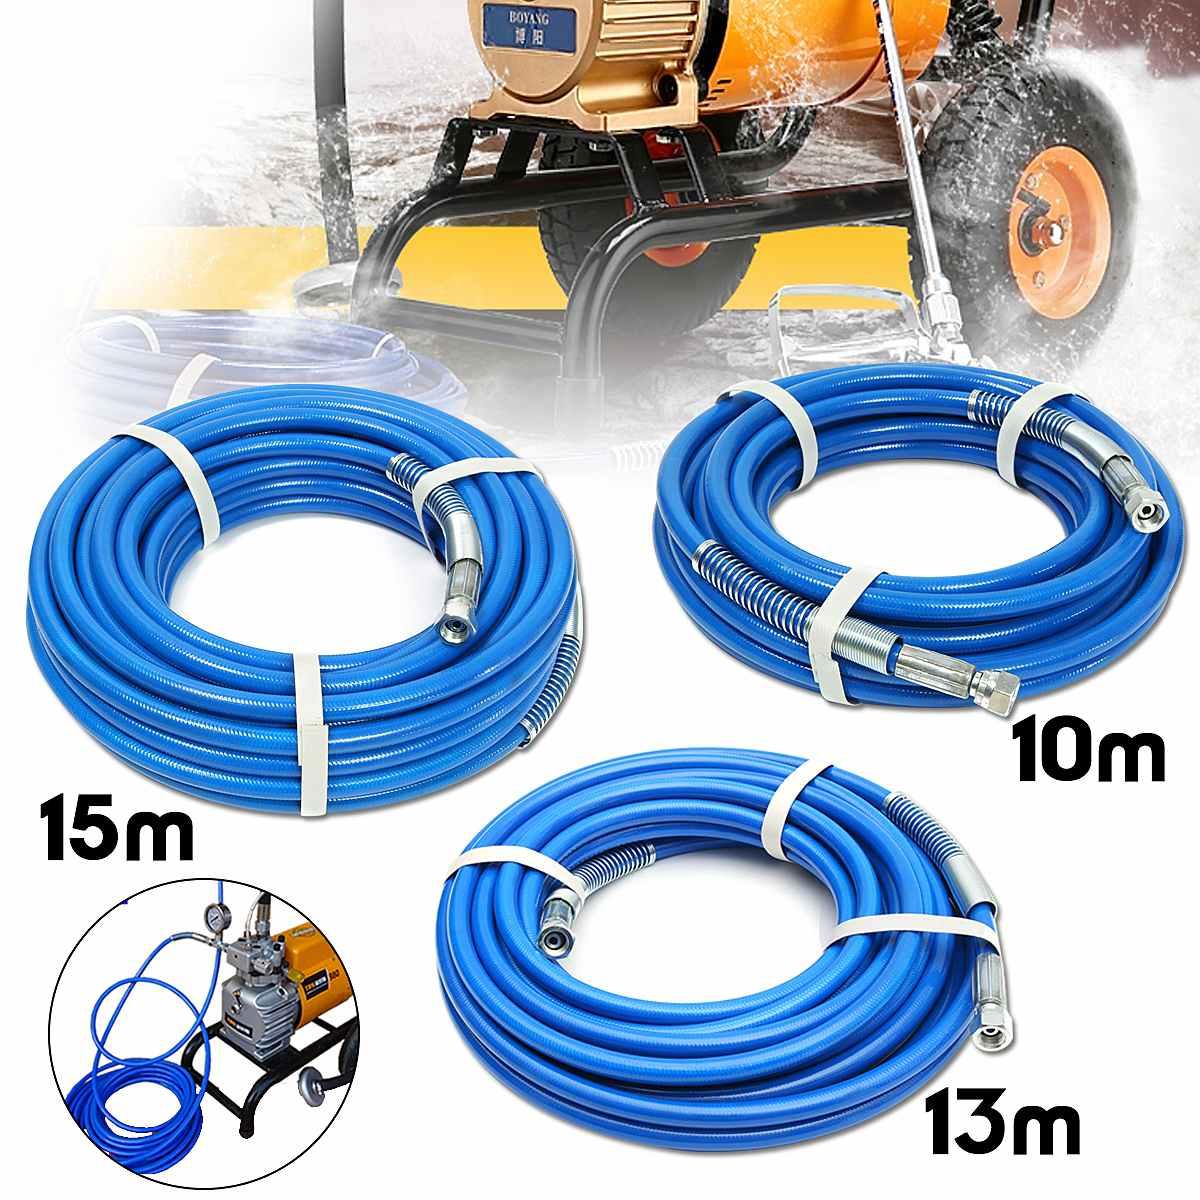 10/13/15m tuyau de pulvérisation tuyau sans air 5000PSI tuyau haute pression pulvérisateur sans air tuyau de peinture sans air pour pulvérisateur G un pulvérisateur d'eau